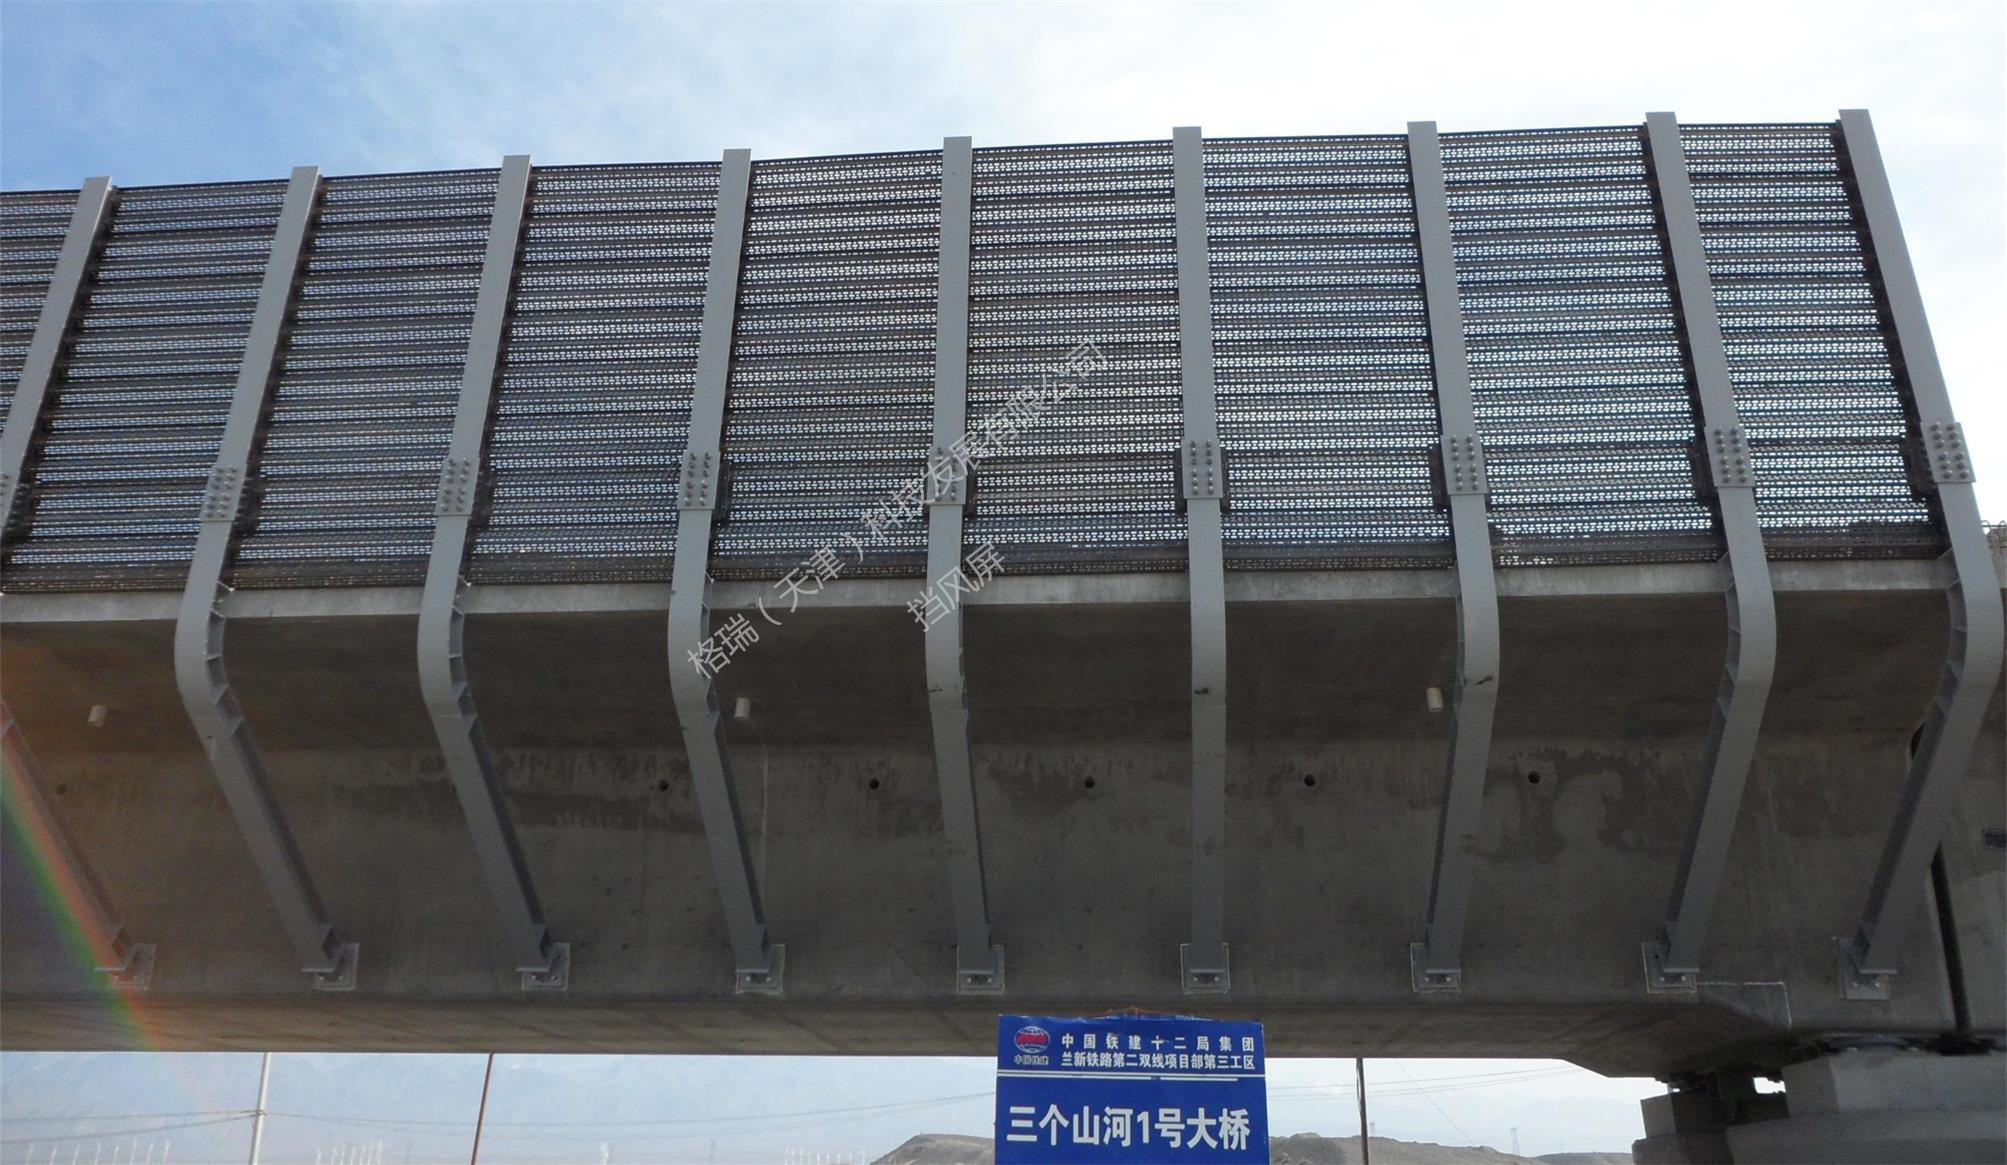 桥梁挡风屏